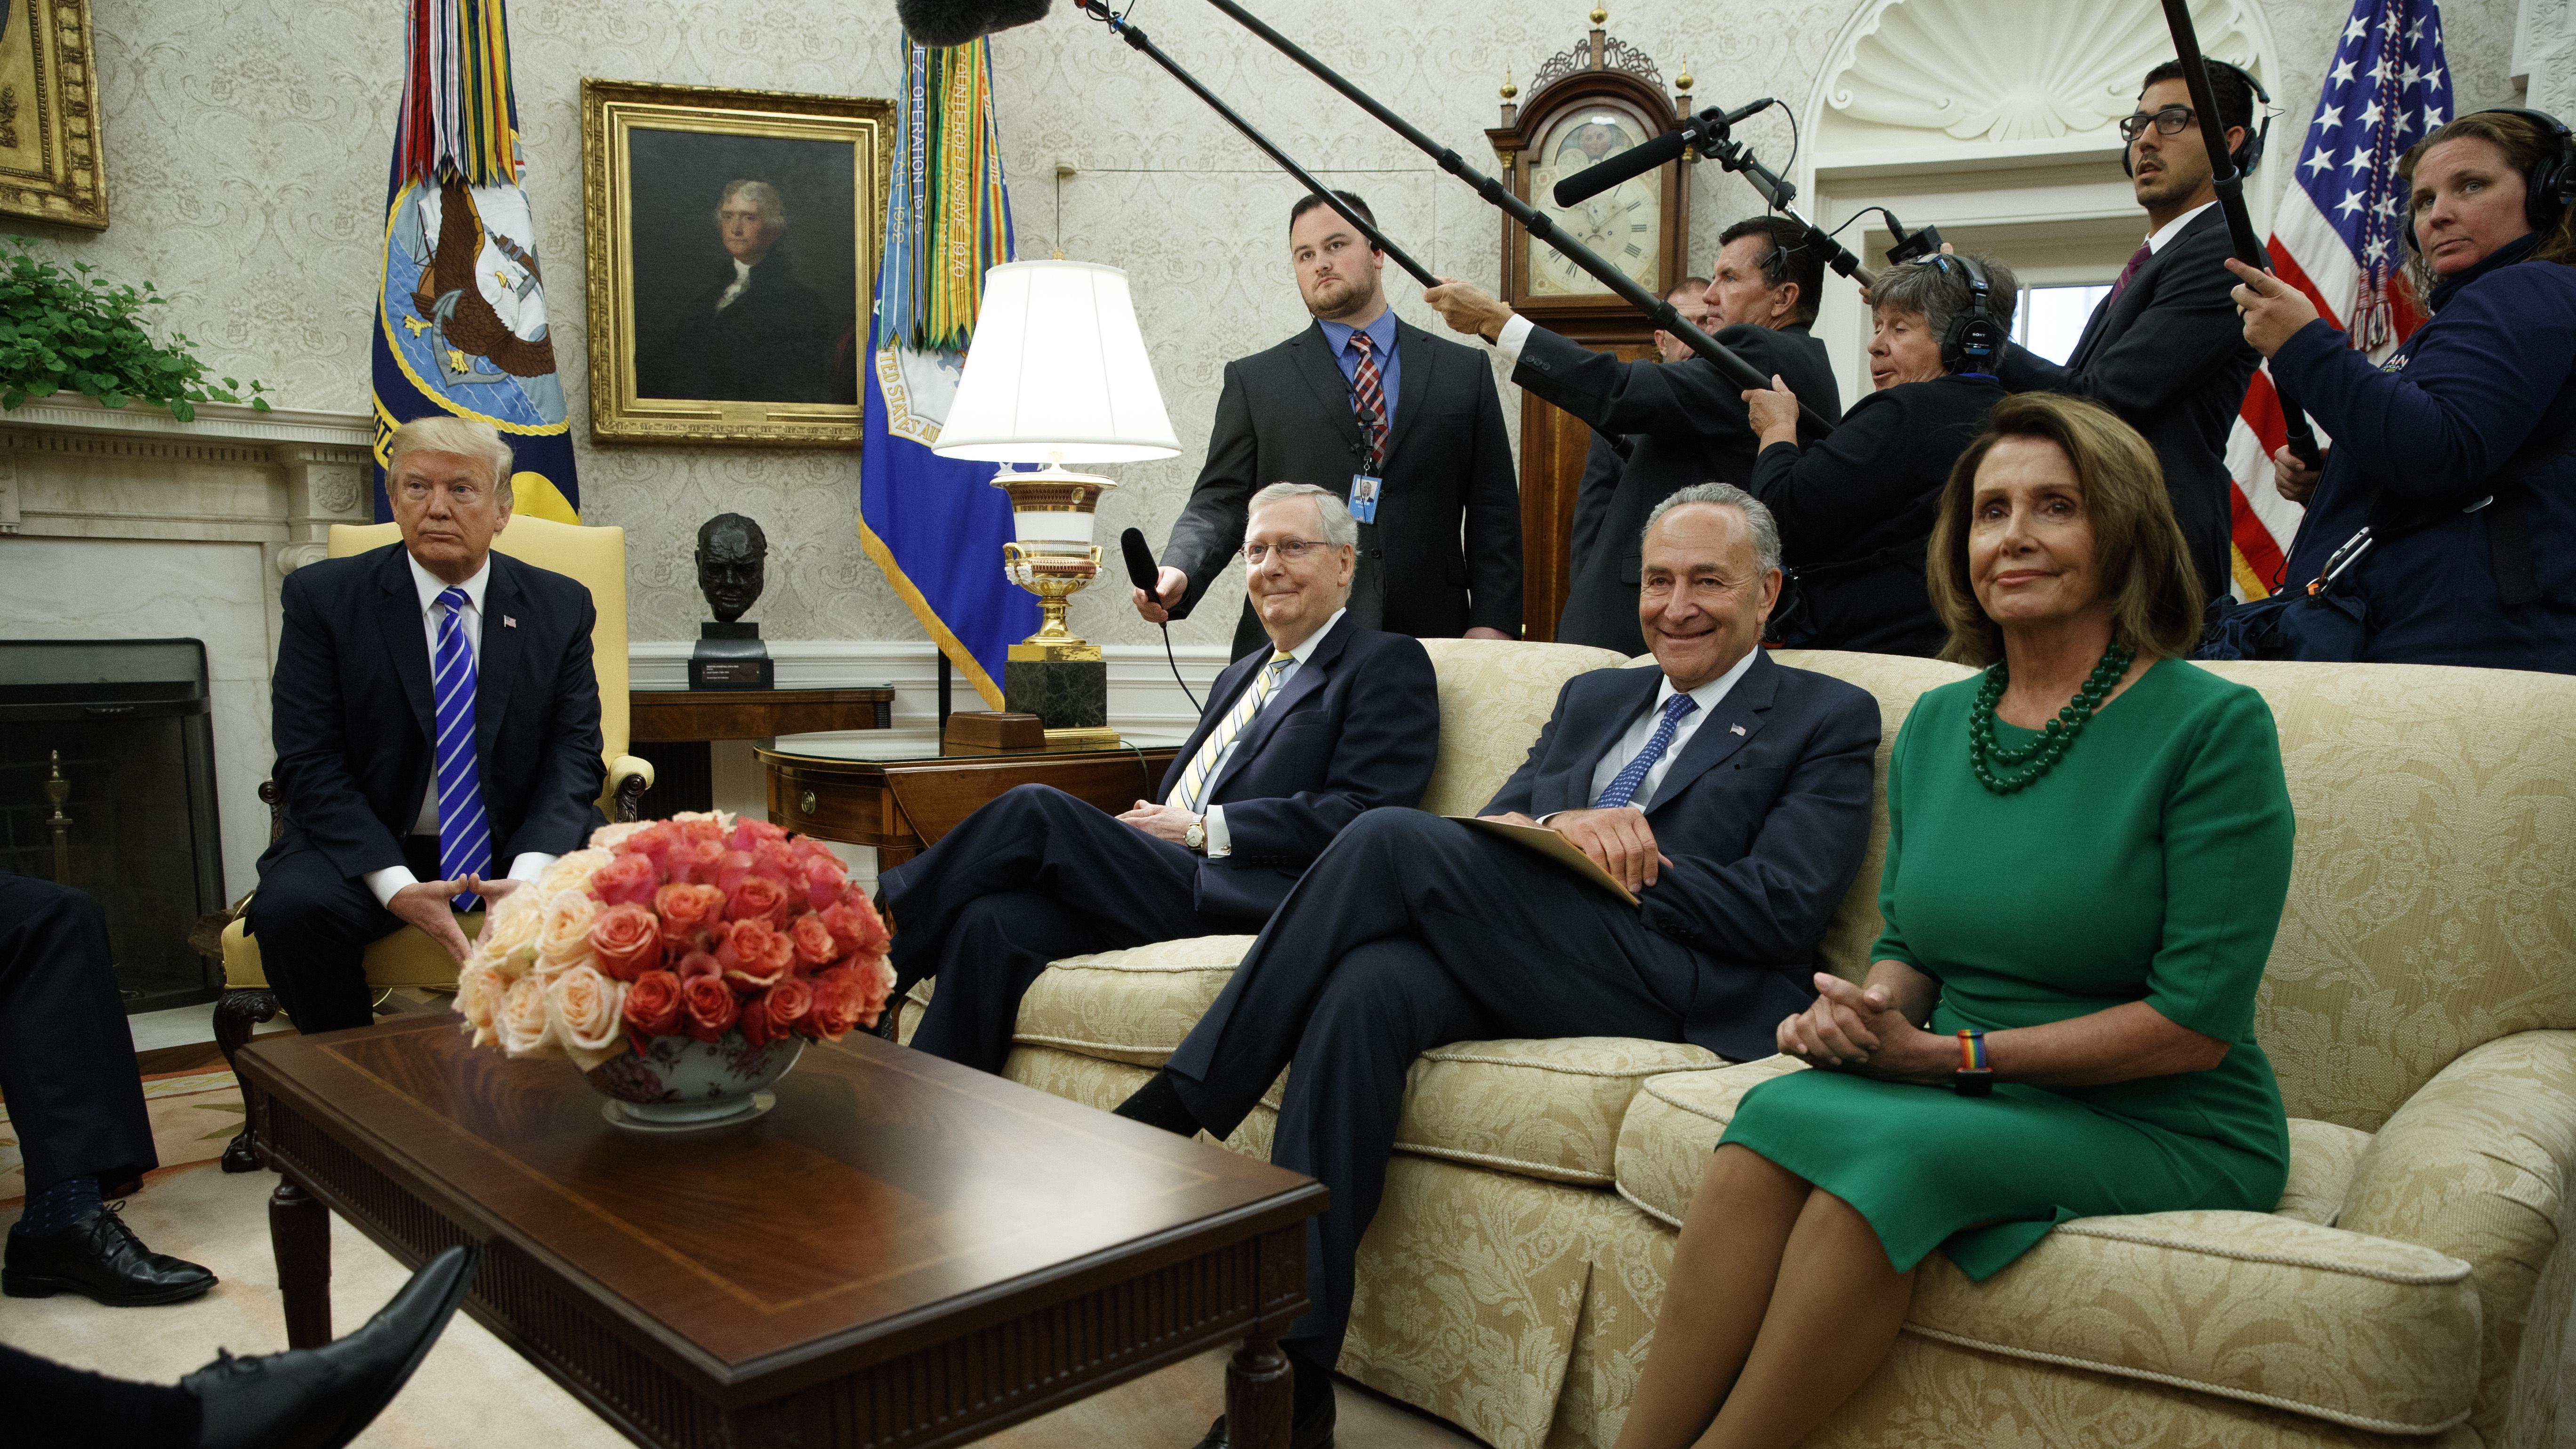 Trump's deal with Democrats makes Republicans shudder